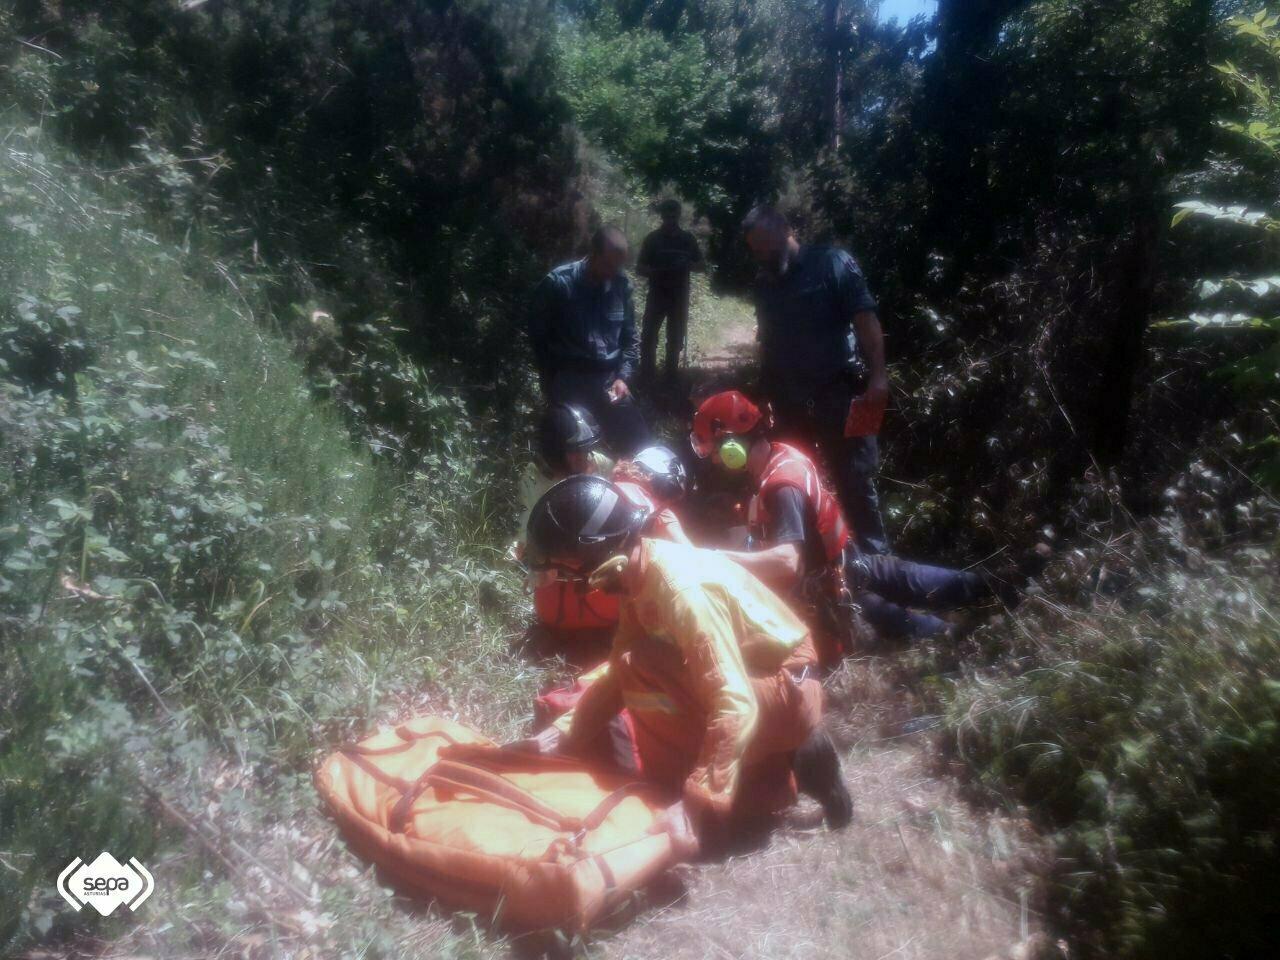 Rescate y Asistencia Sanitaria a un varón con quemaduras en Cabranes